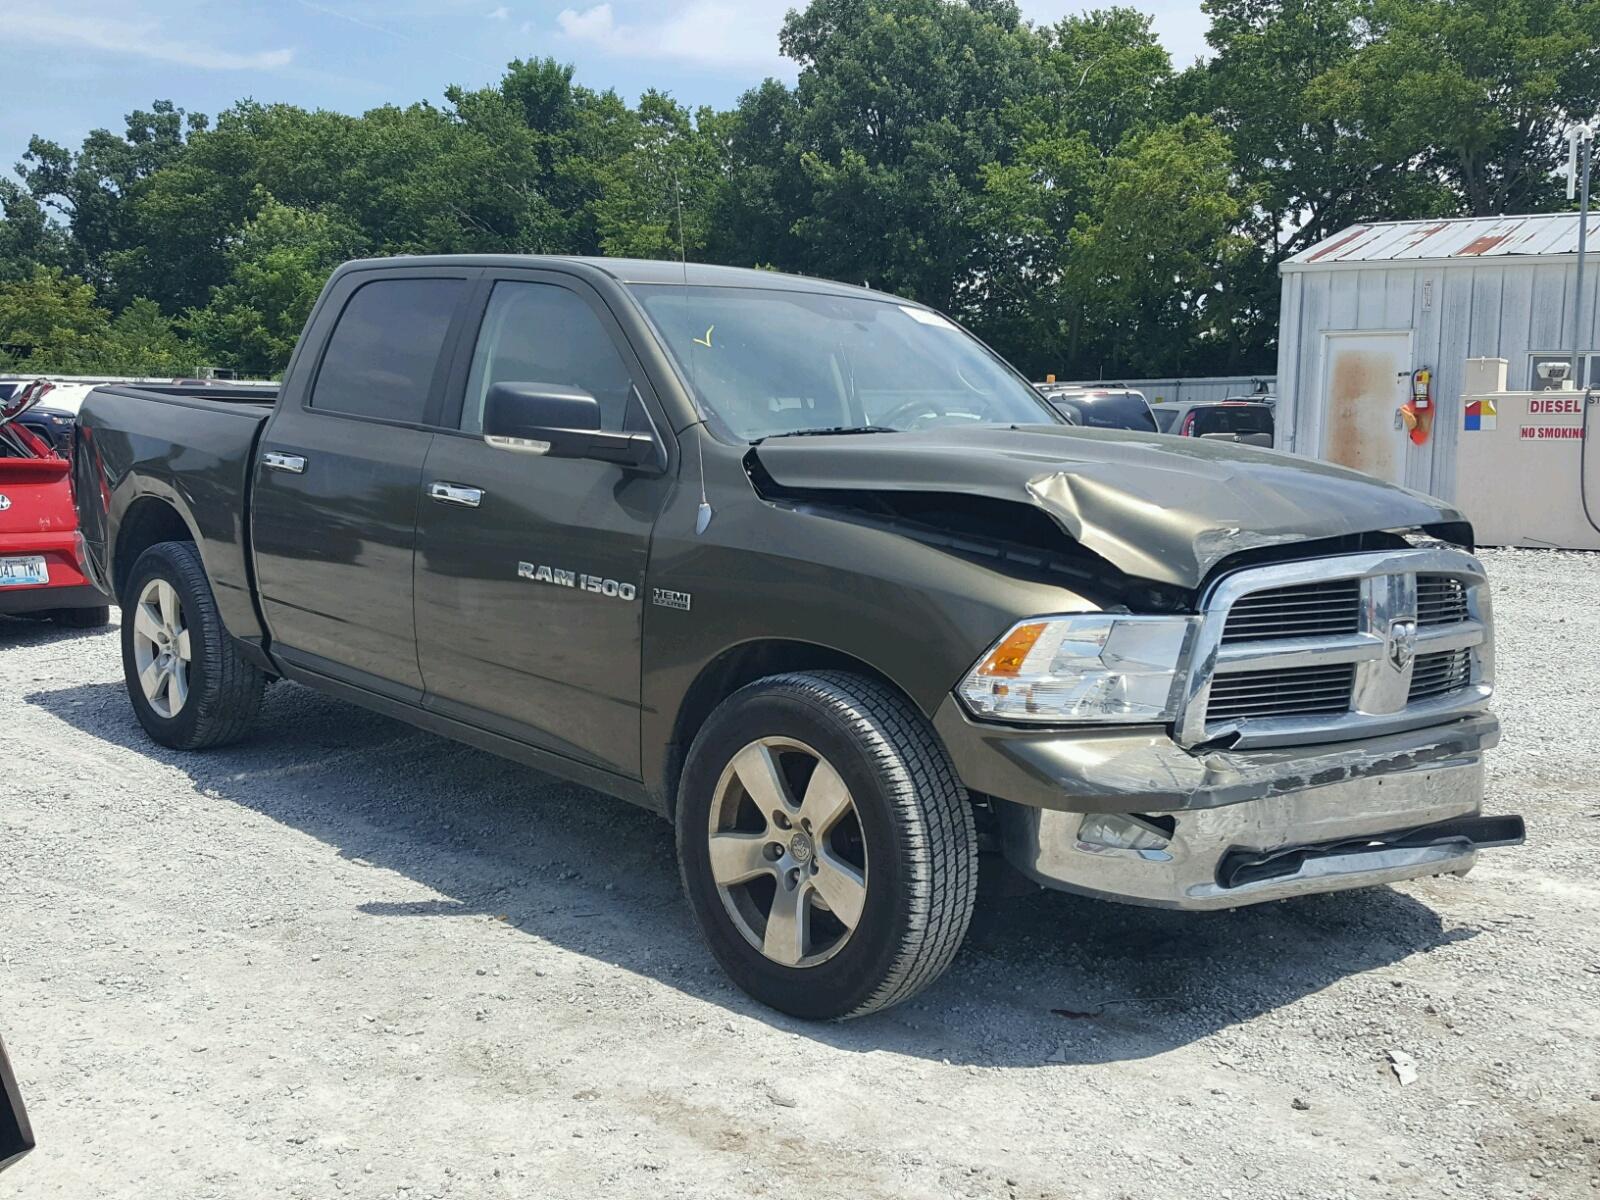 2012 Dodge Ram 1500 S For Sale At Copart Lexington Ky Lot 41329288 Tires